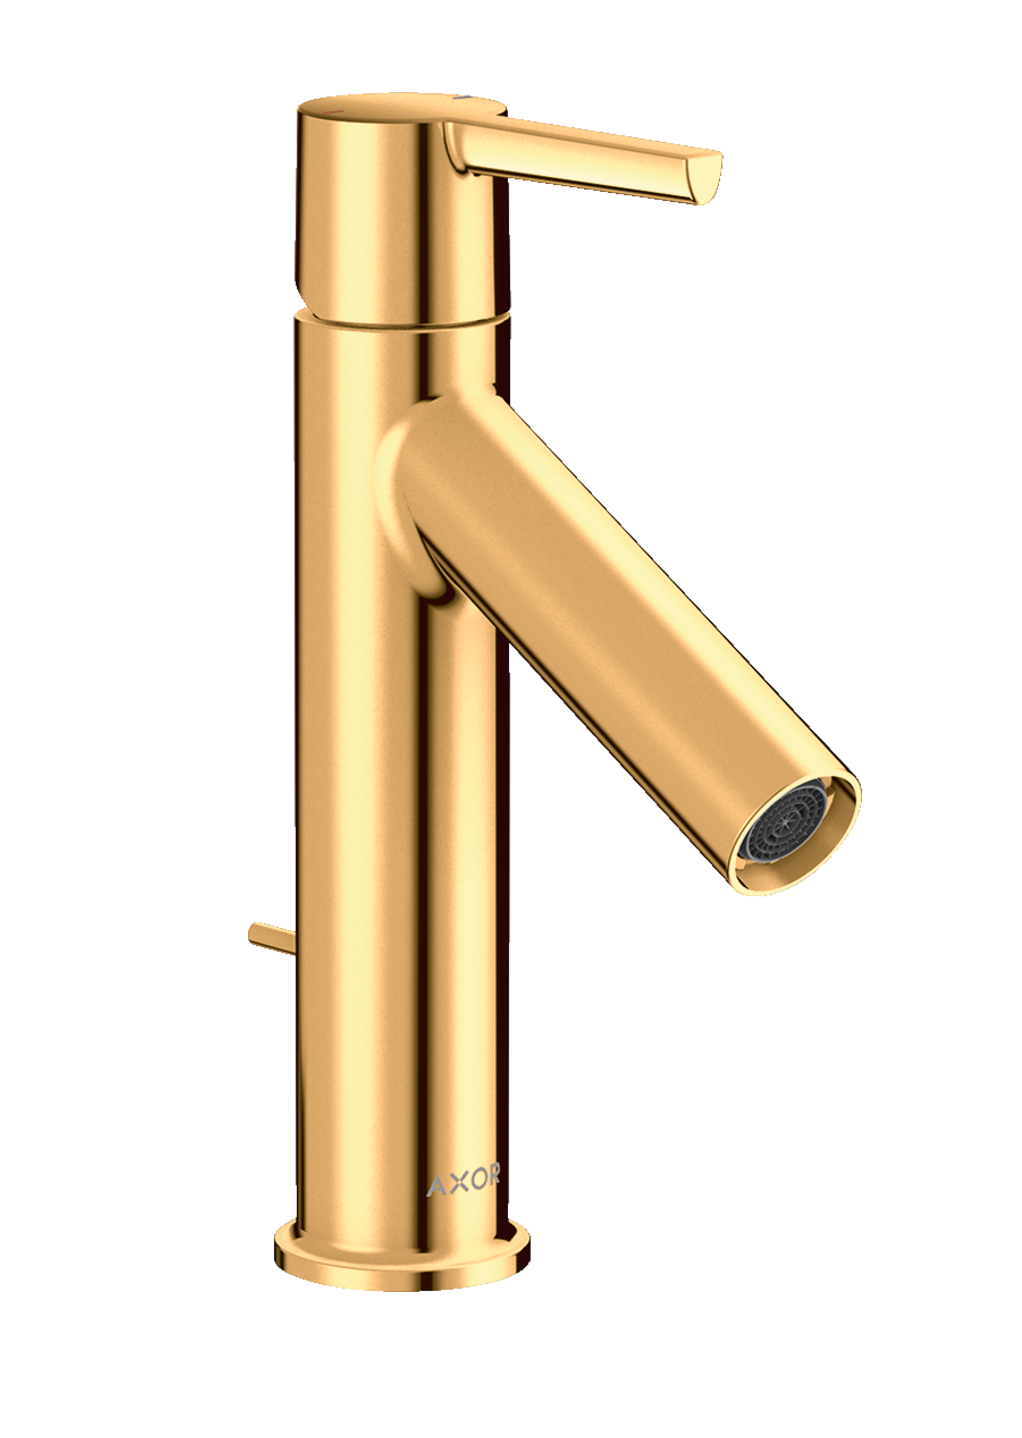 Mitigeur de lavabo AXOR Starck 100 avec poignée à levier et tirette de vidage aspect doré poli